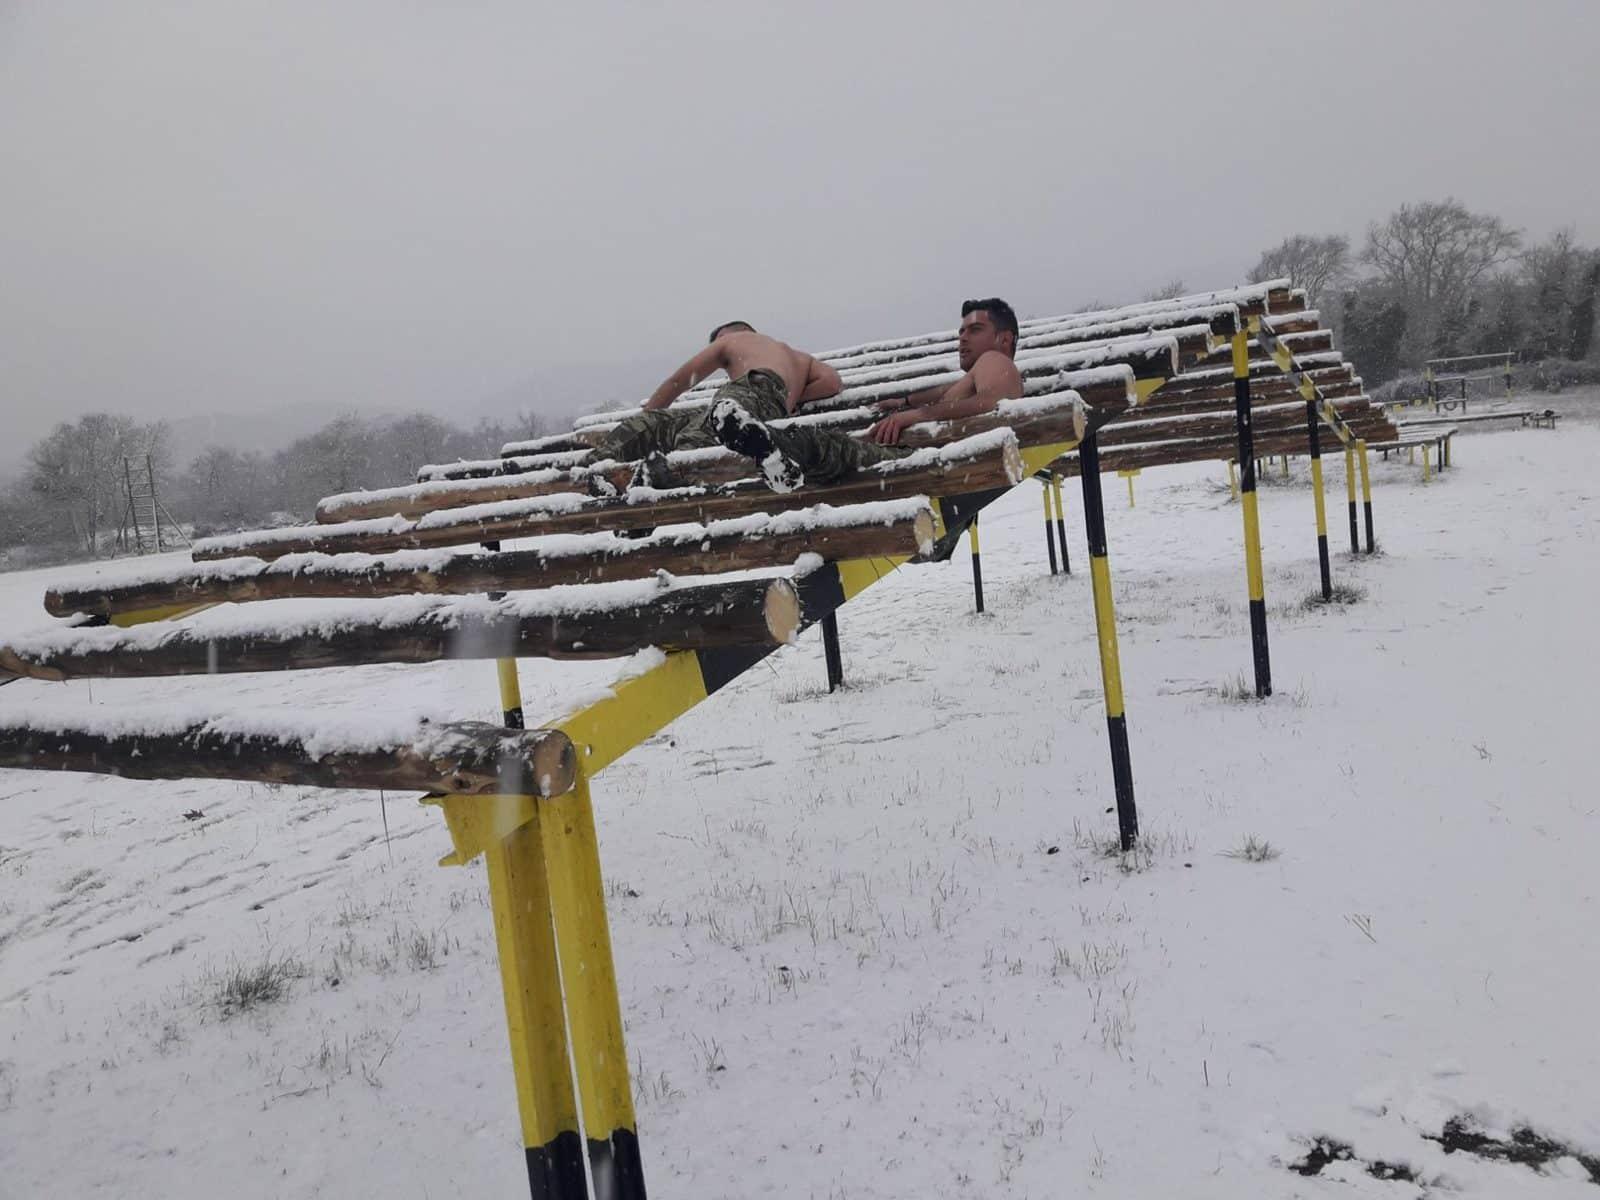 κακοκαιρία Χιόνη: Πού θα χτυπήσει - Καιρός 12 Φεβρουαρίου - Έκτακτο δελτίο Meteo